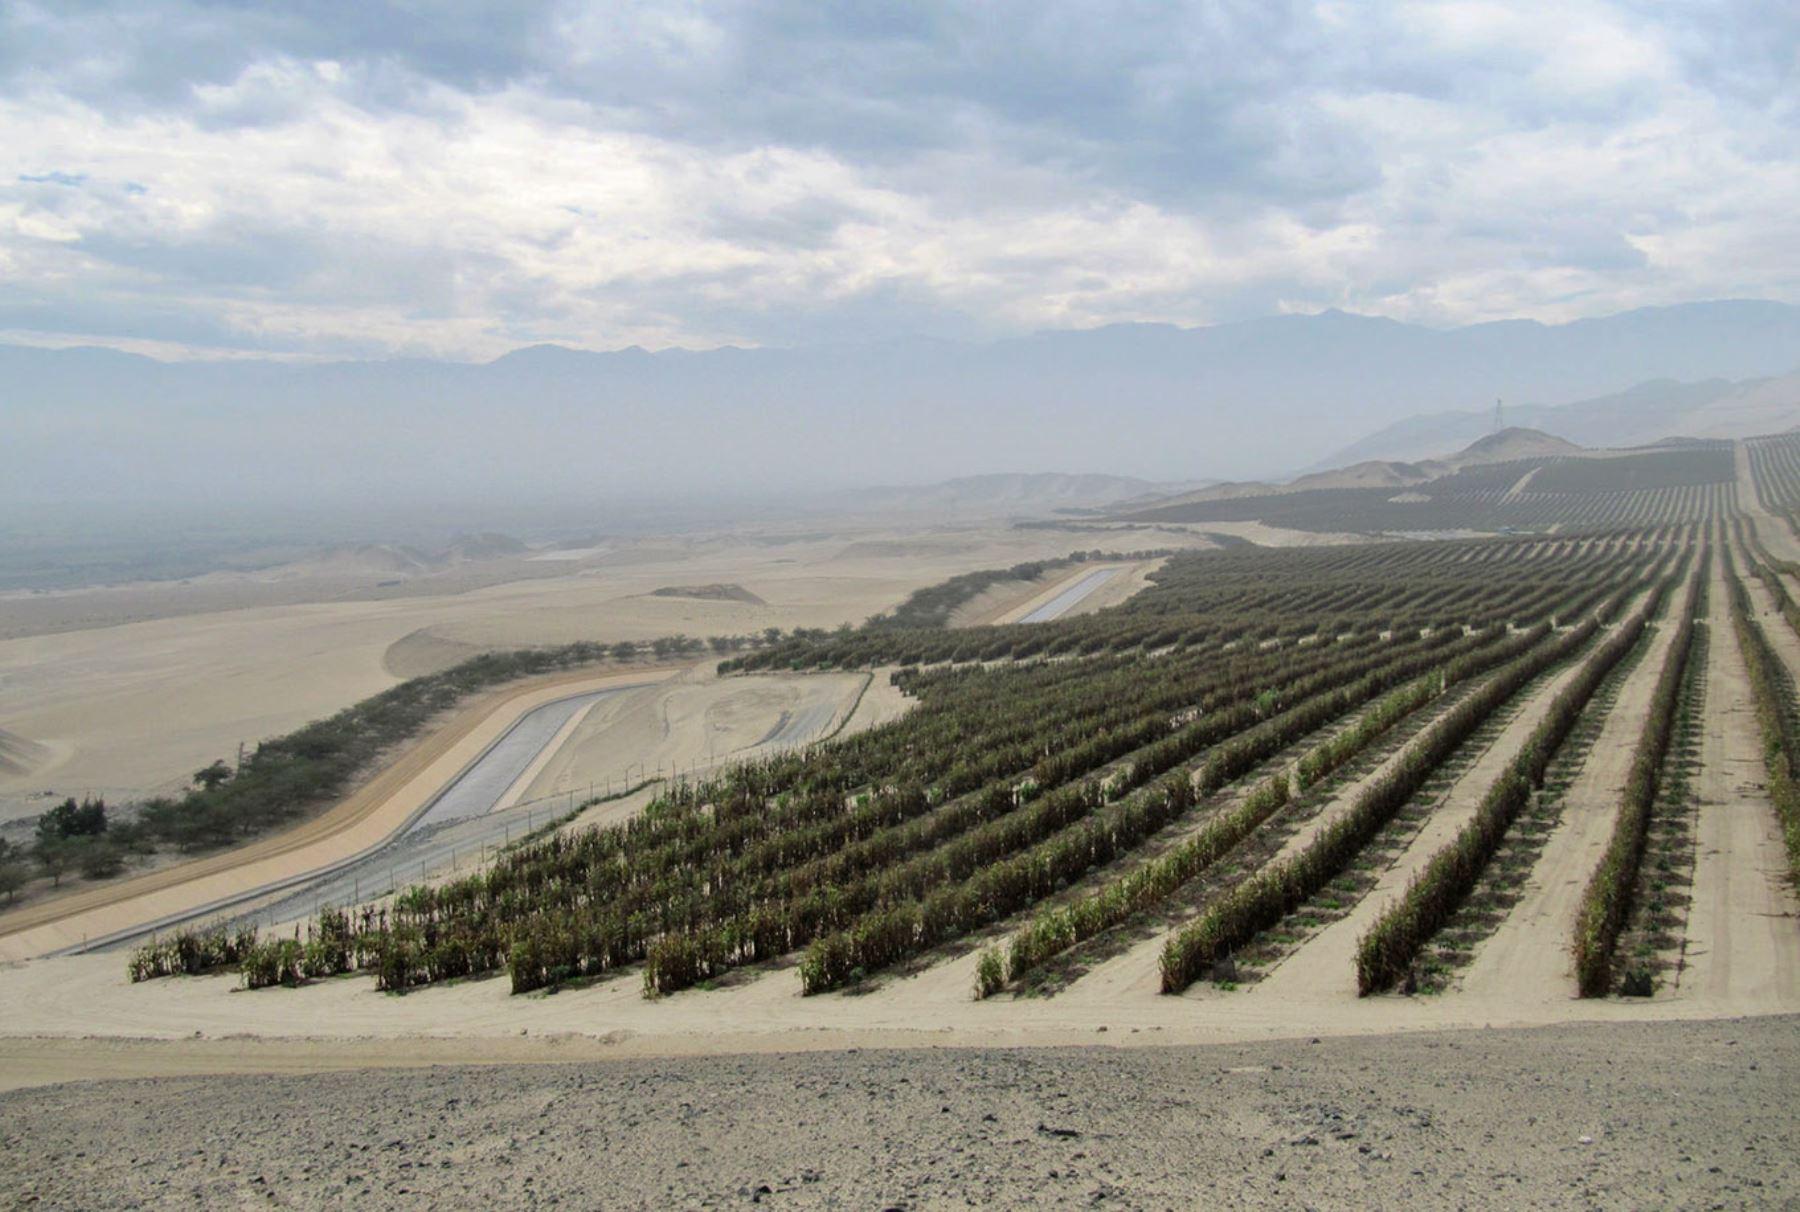 Proyecto de irrigación Chavimochic, ubicao en la región La Libertad. ANDINA